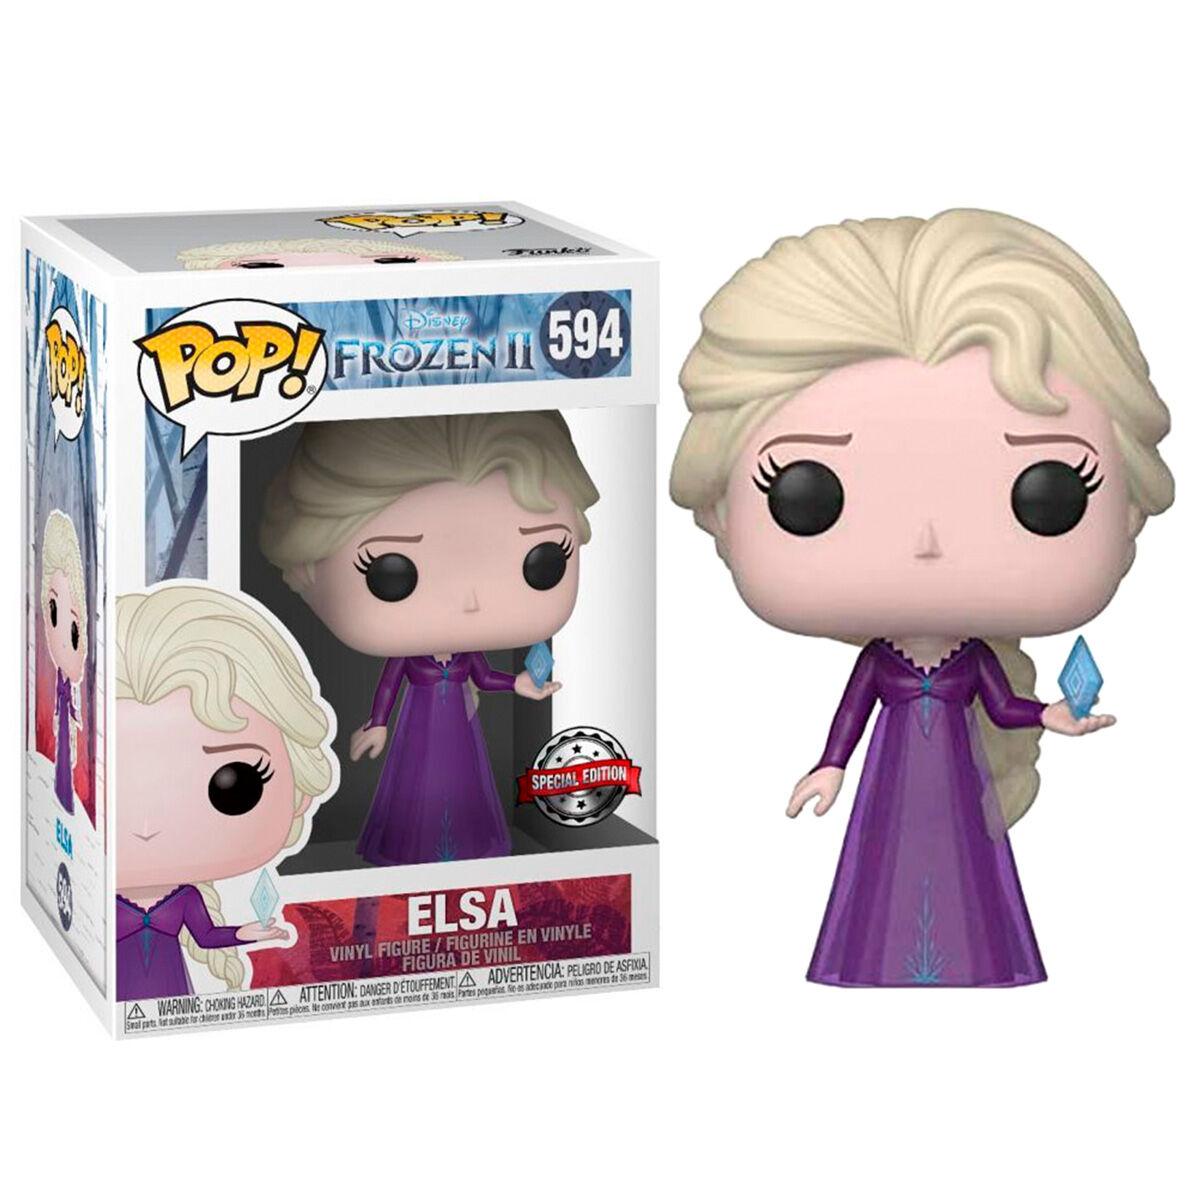 Figura POP Disney Frozen 2 Elsa Exclusive 889698408929